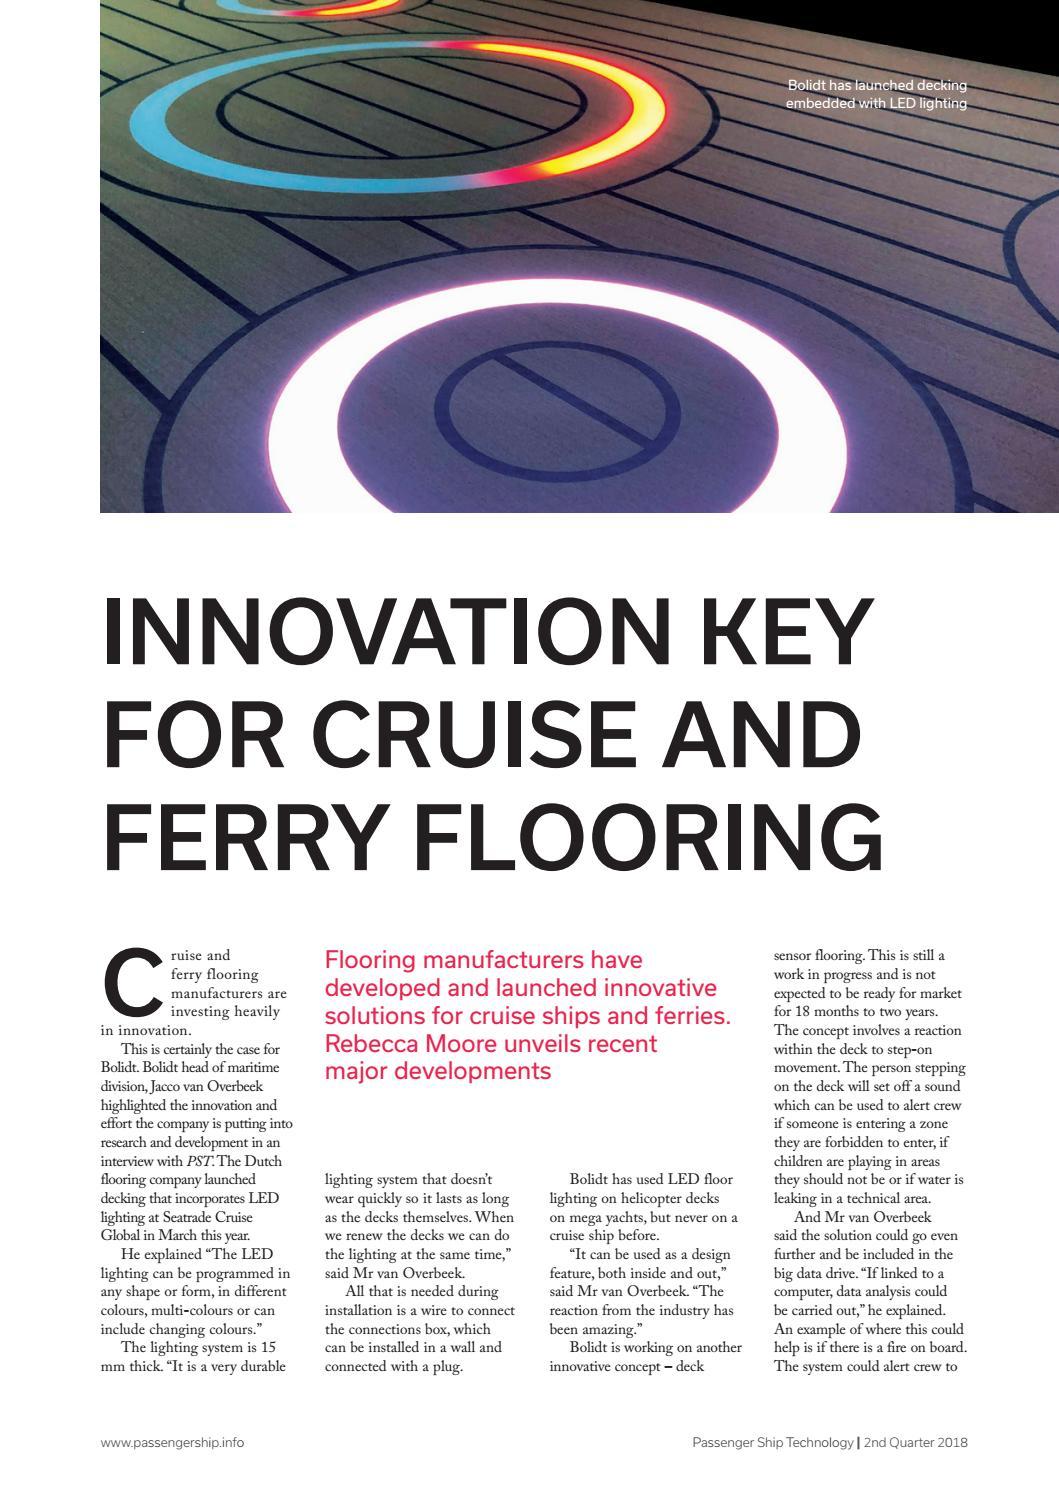 Passenger Ship Technology 2nd Quarter 2018 by rivieramaritimemedia